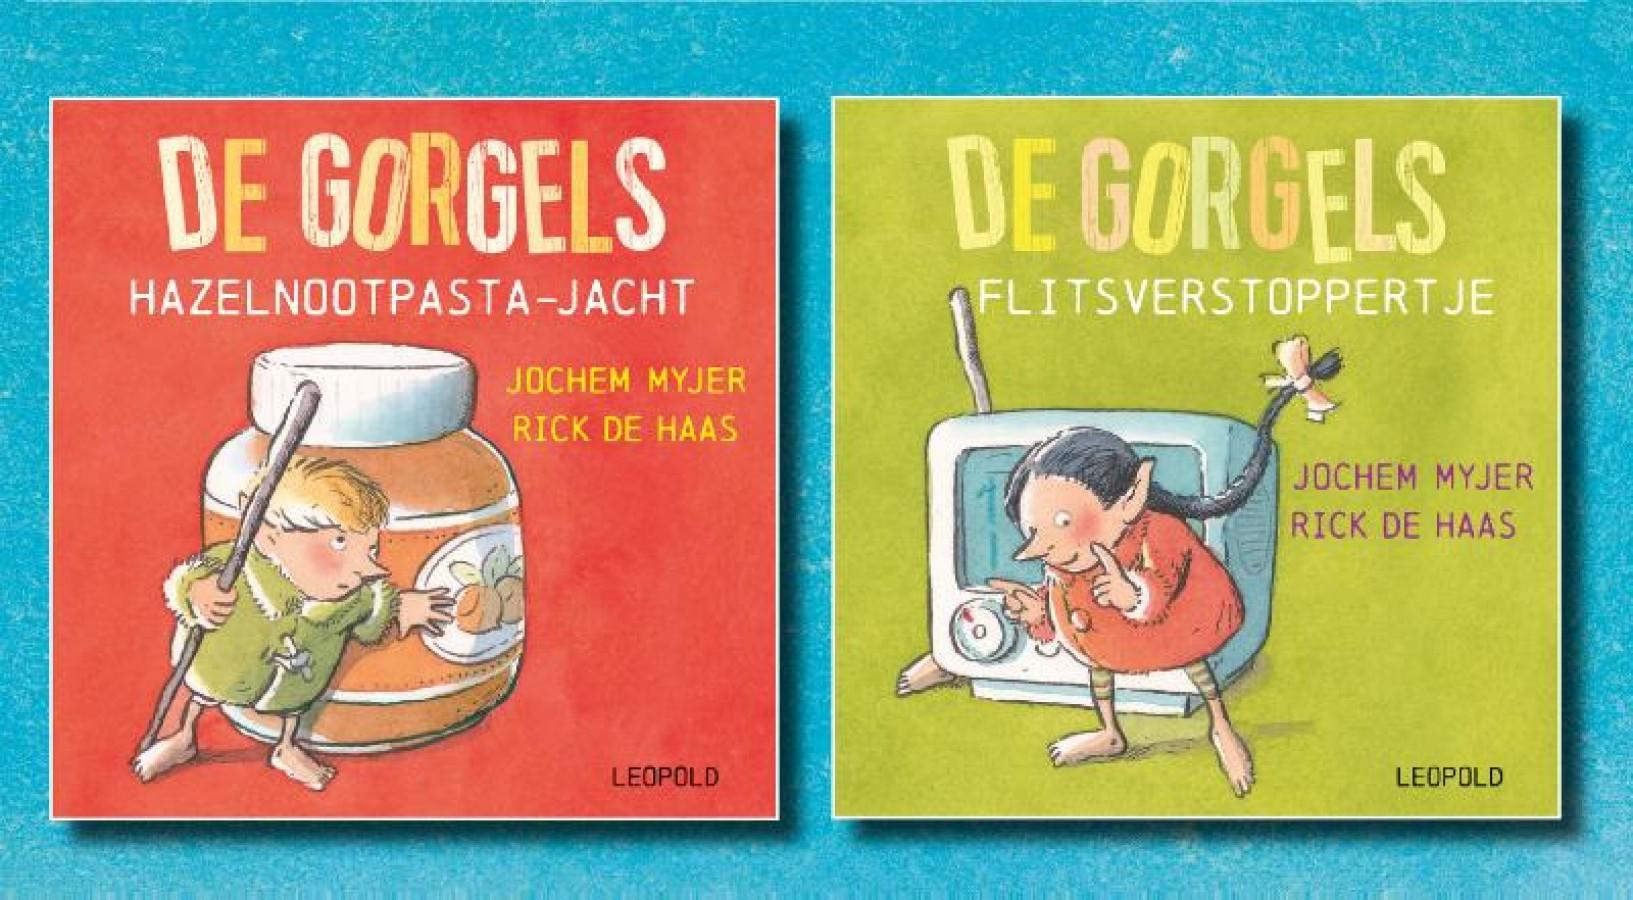 De Gorgels - uitdeelboekjes